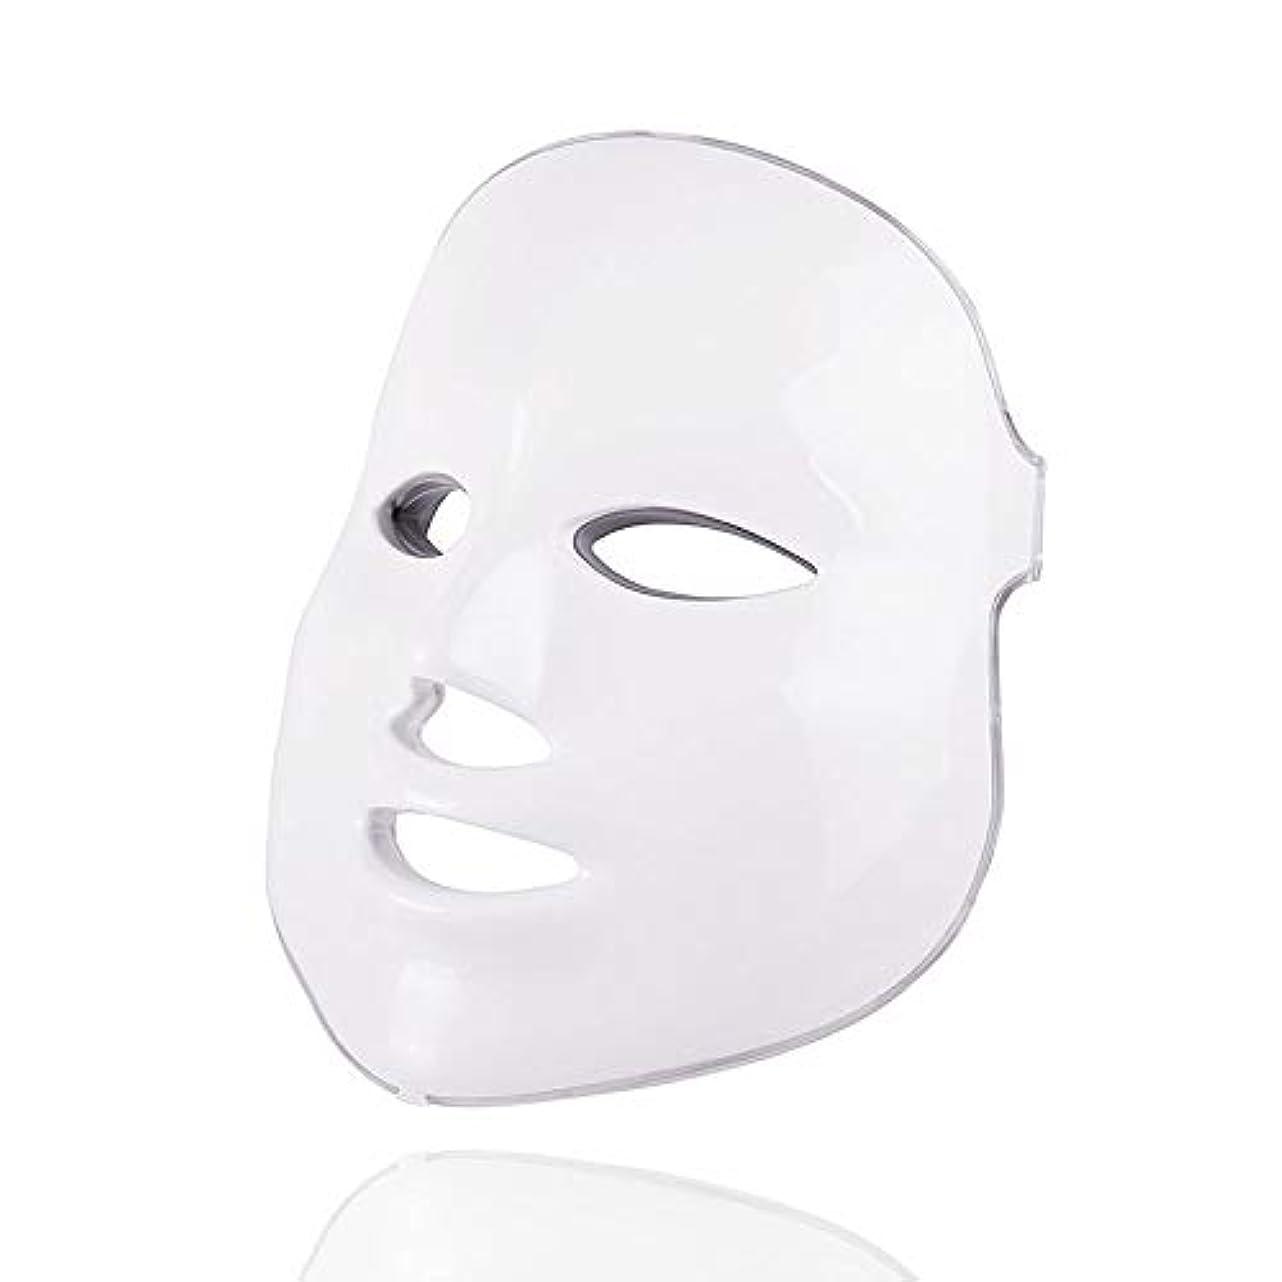 キャラクター革命動力学7色美容療法光子、ledフェイシャルマスクライトスキンケア若返りしわにきび除去顔美容スパ楽器